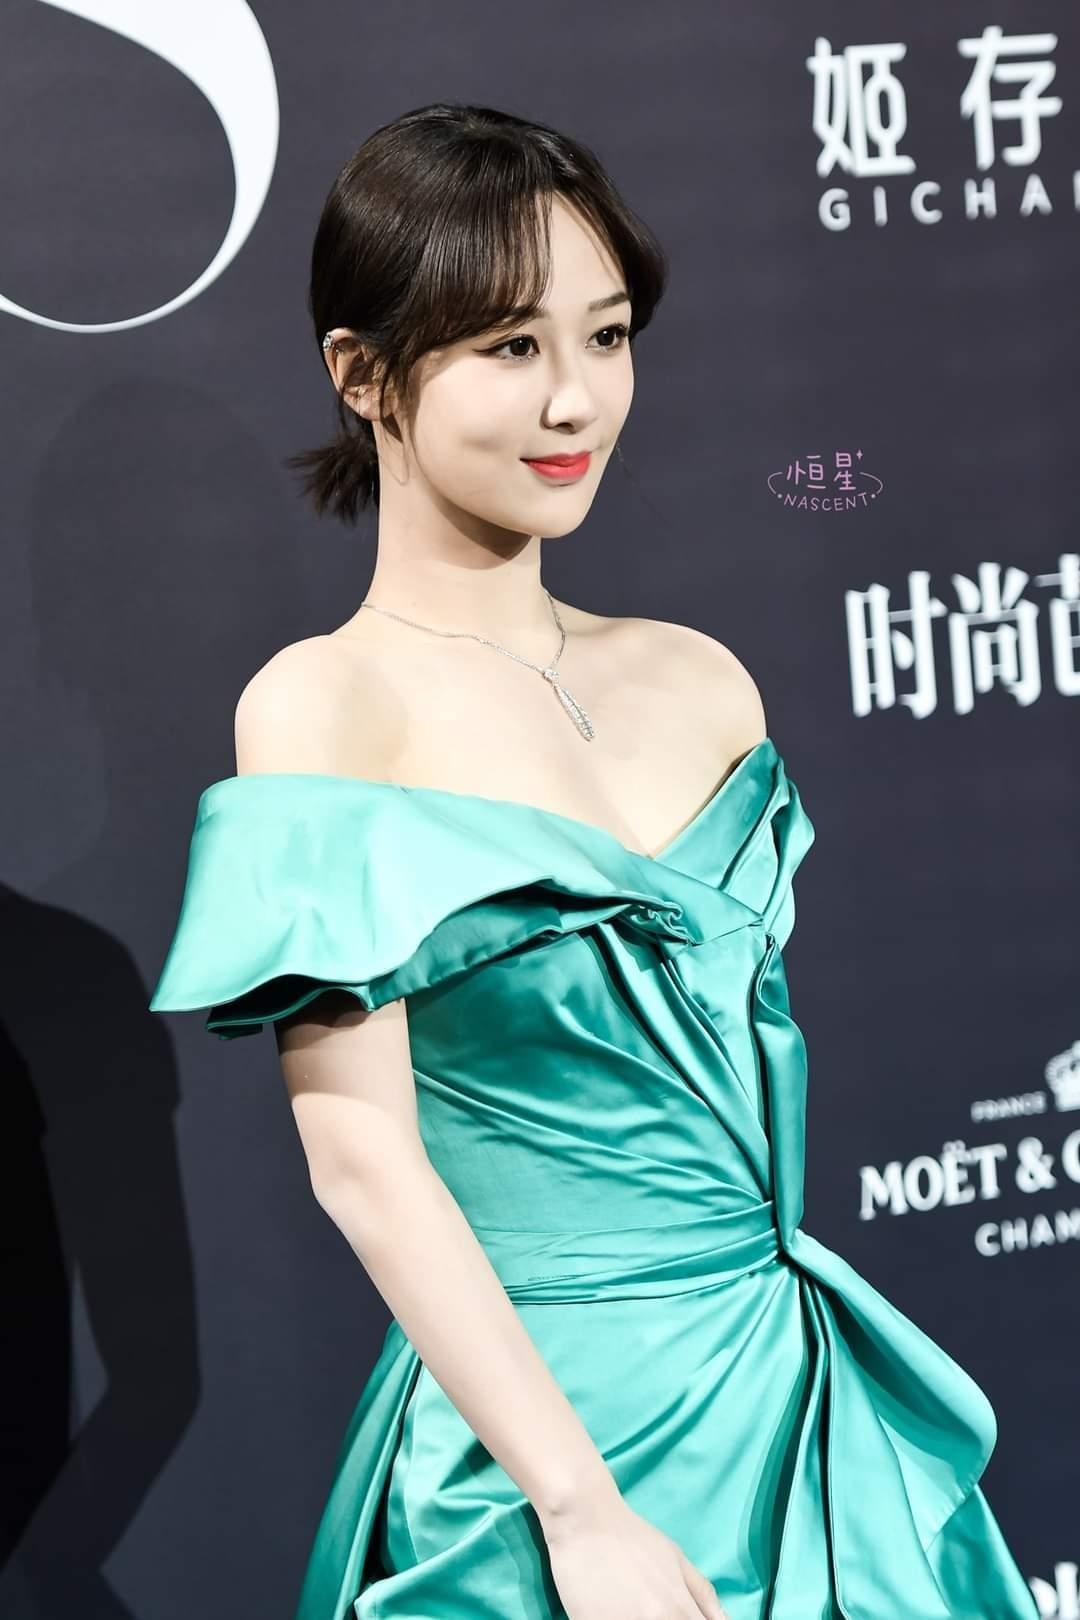 Trung thành với kiểu váy khoe vai thon trên thảm đỏ BAZAAR nhưng Dương Tử lại bị mất điểm ảnh 4